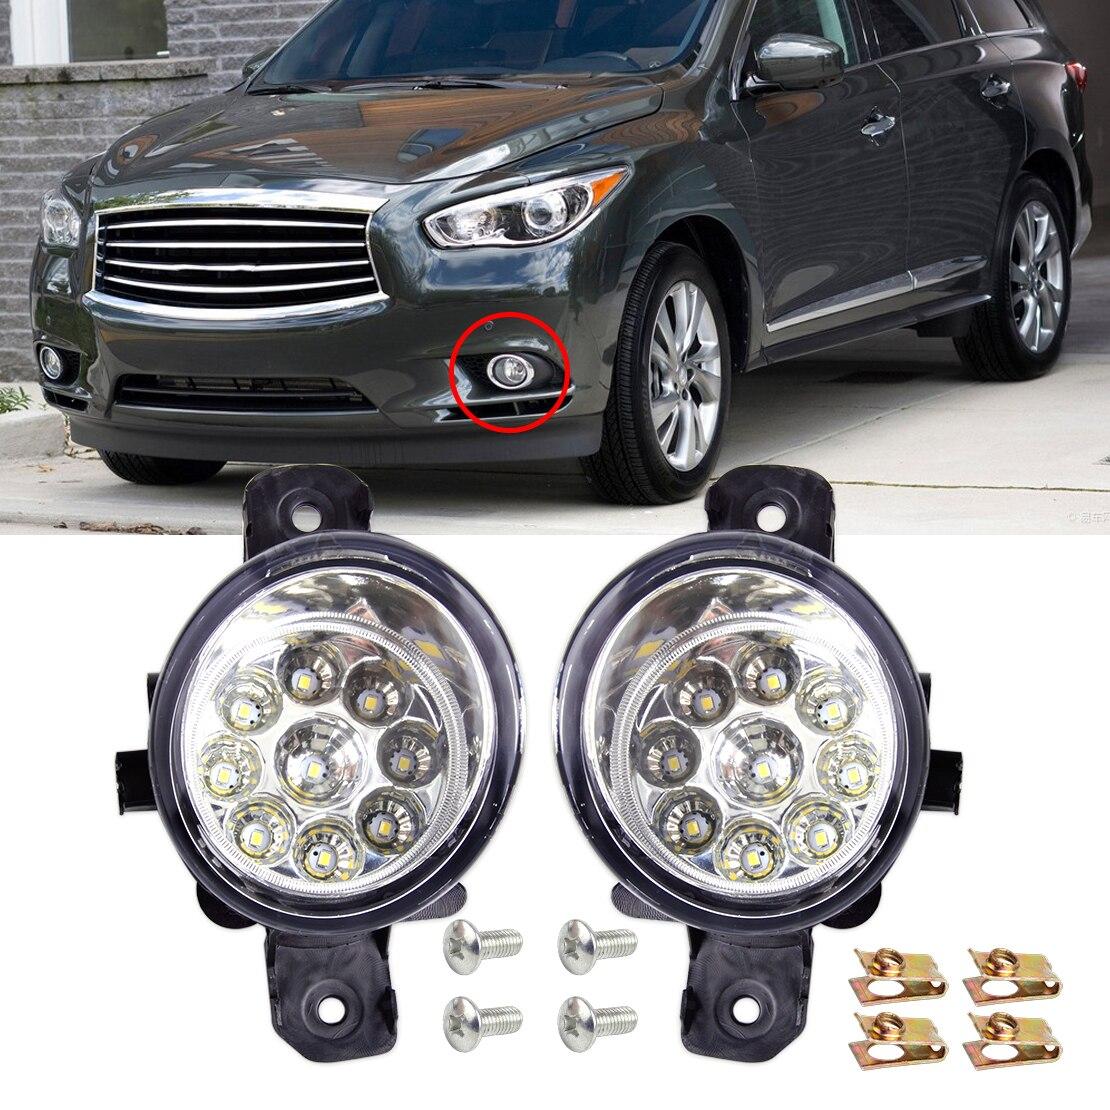 Dwcx 1 pair 12v 9 led front fog light lamps drl daytime running driving lights for